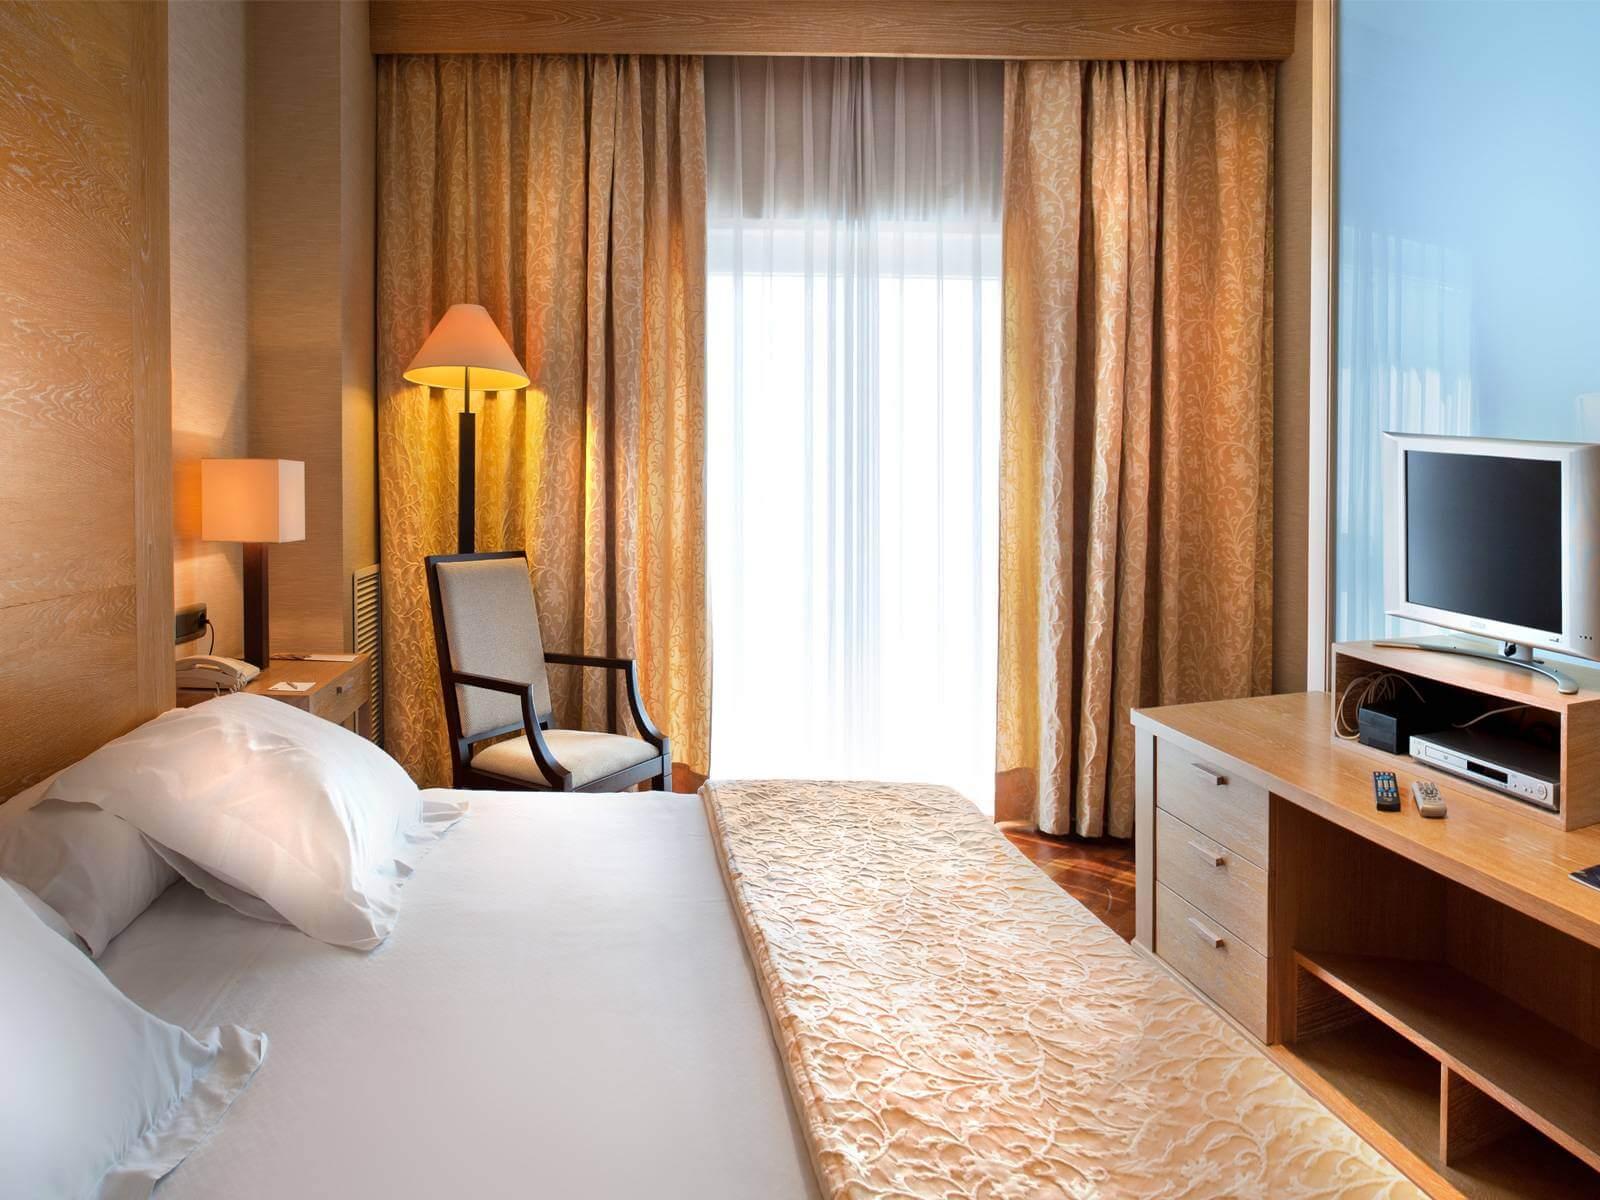 Hotéis bons e baratos em Valência